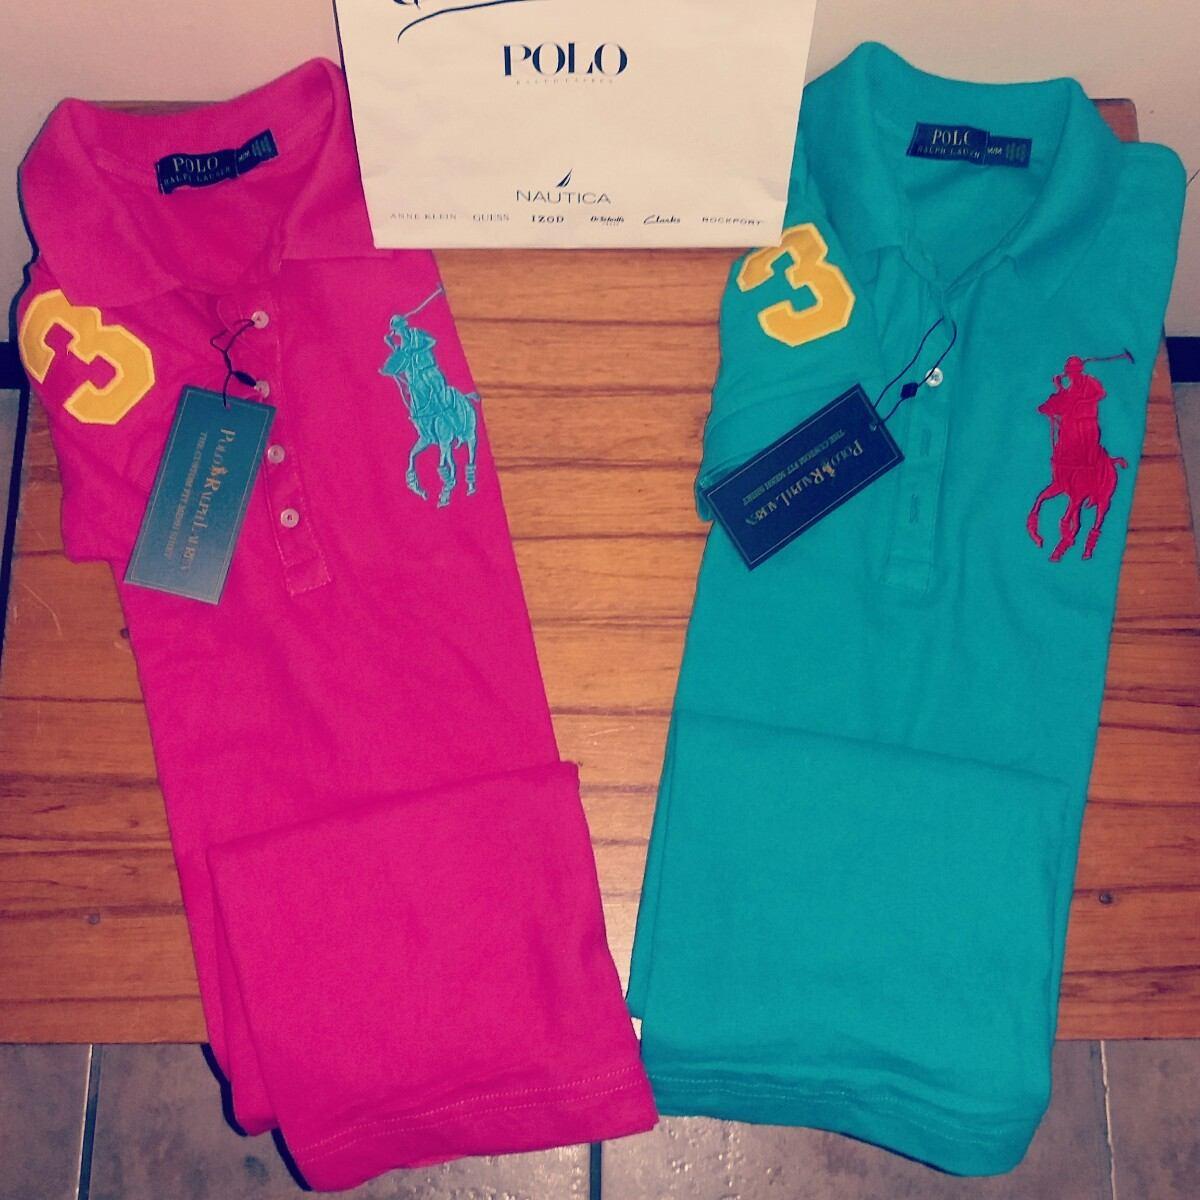 Vestidos Tipo Polo Ralph Lauren Damas Originales Y Nuevos!! - U$S 39 ...